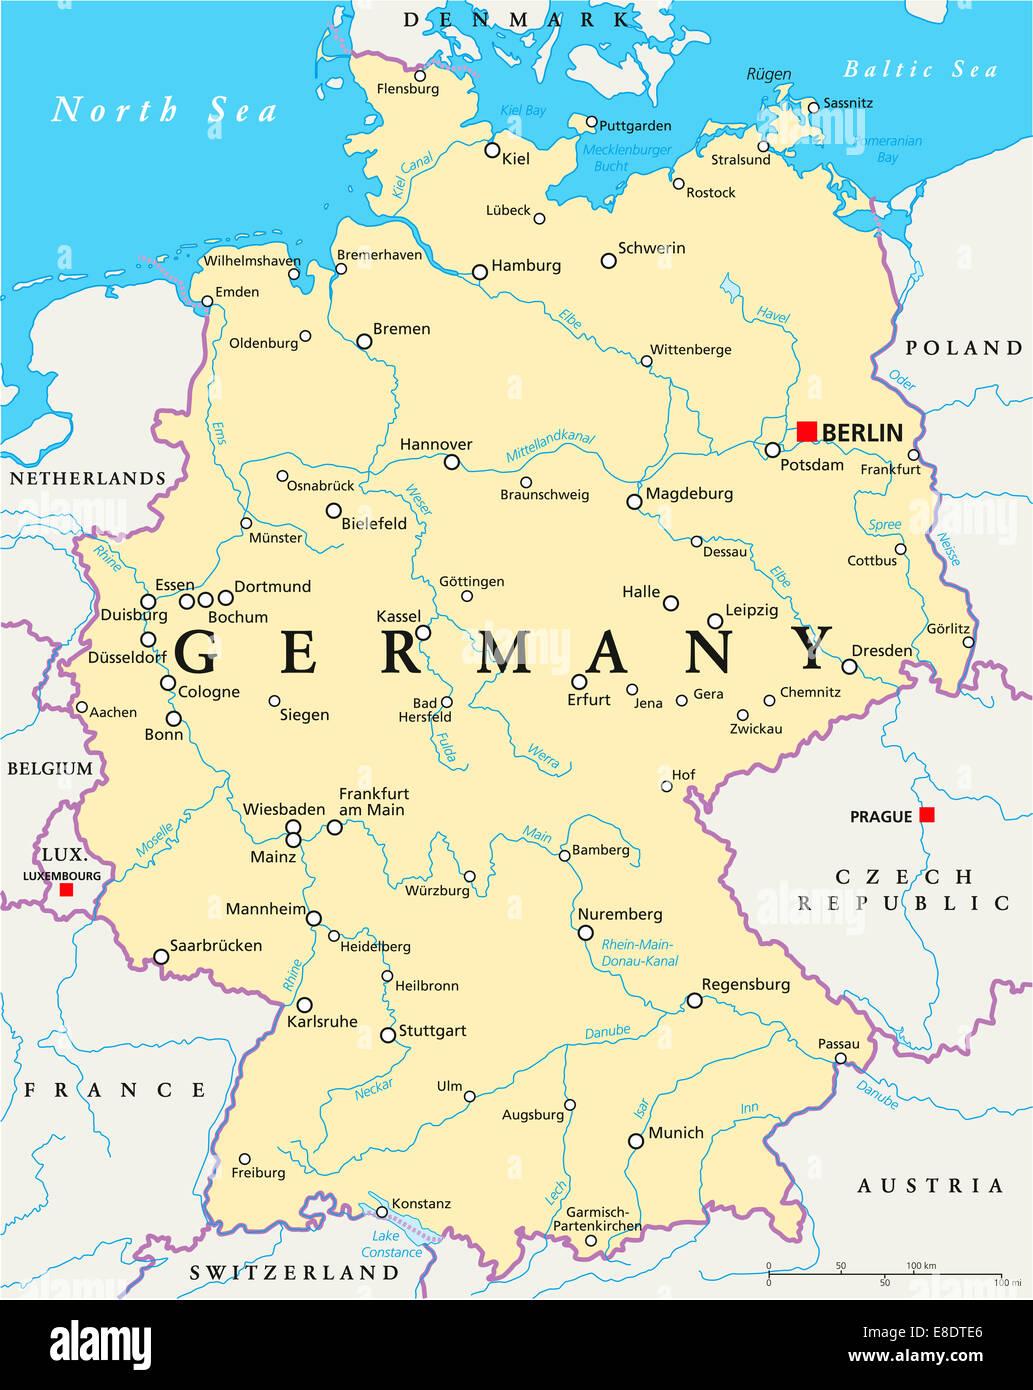 Politische Karte Mit Hauptstadt Berlin Nationale Grenzen Die